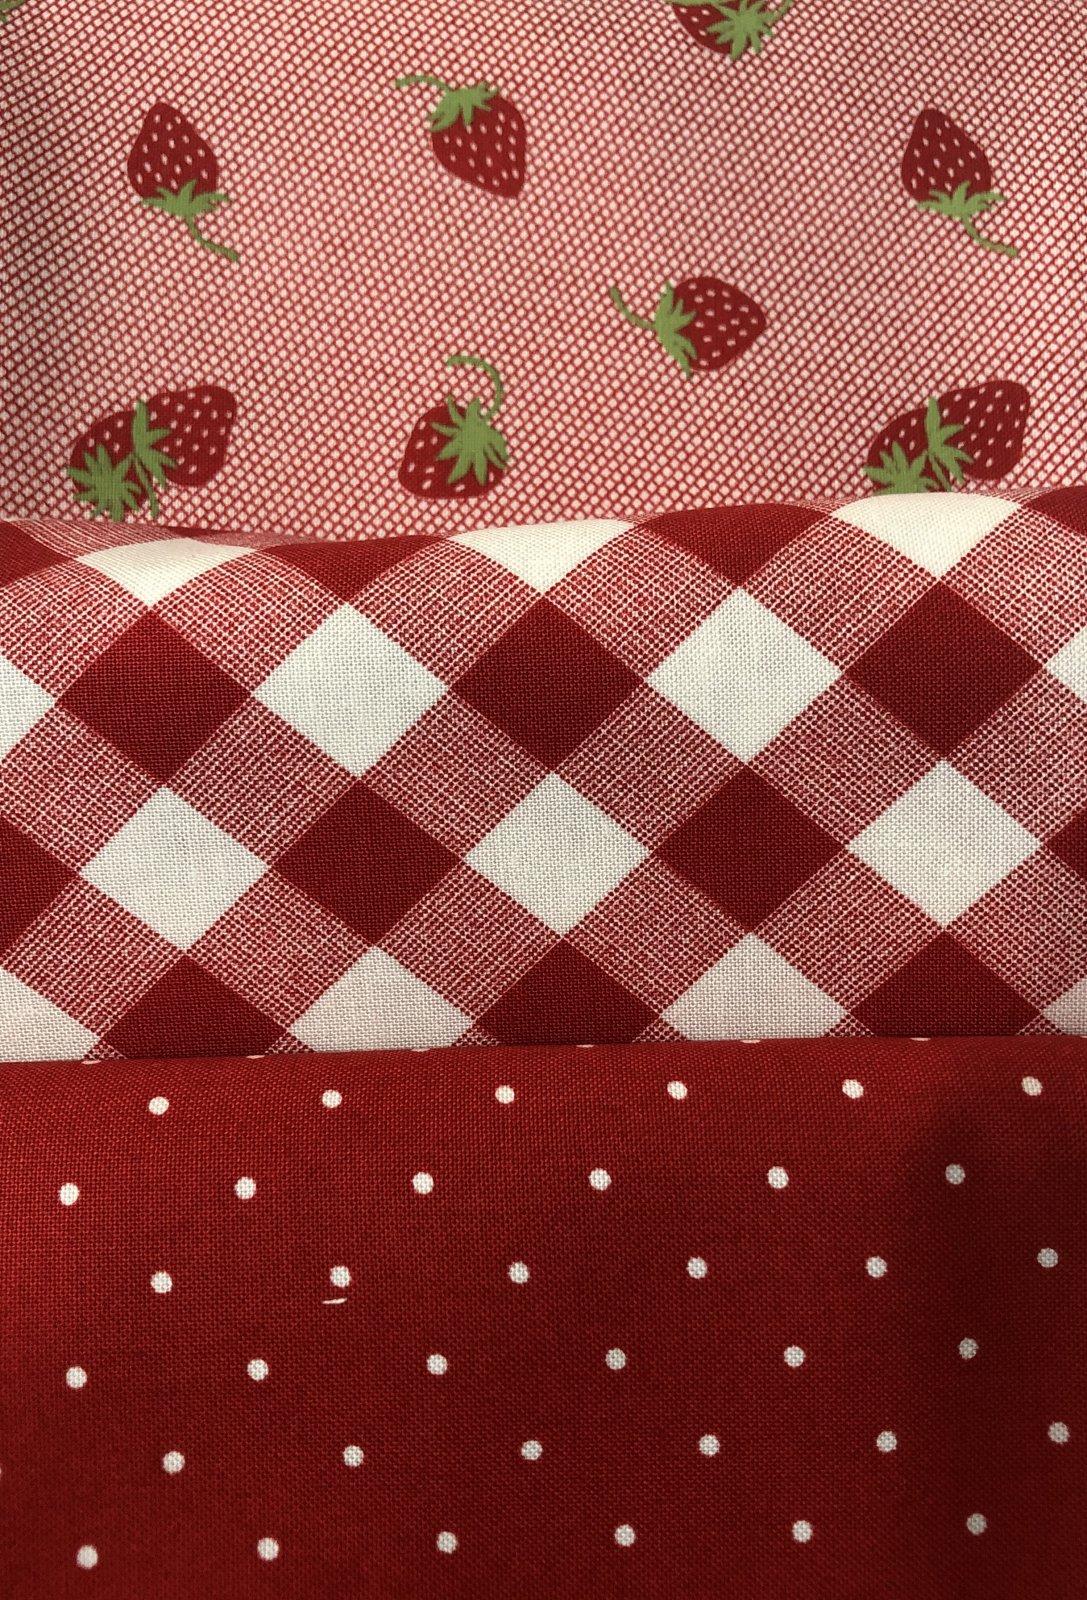 3 Yd Bundle Red Strawberries